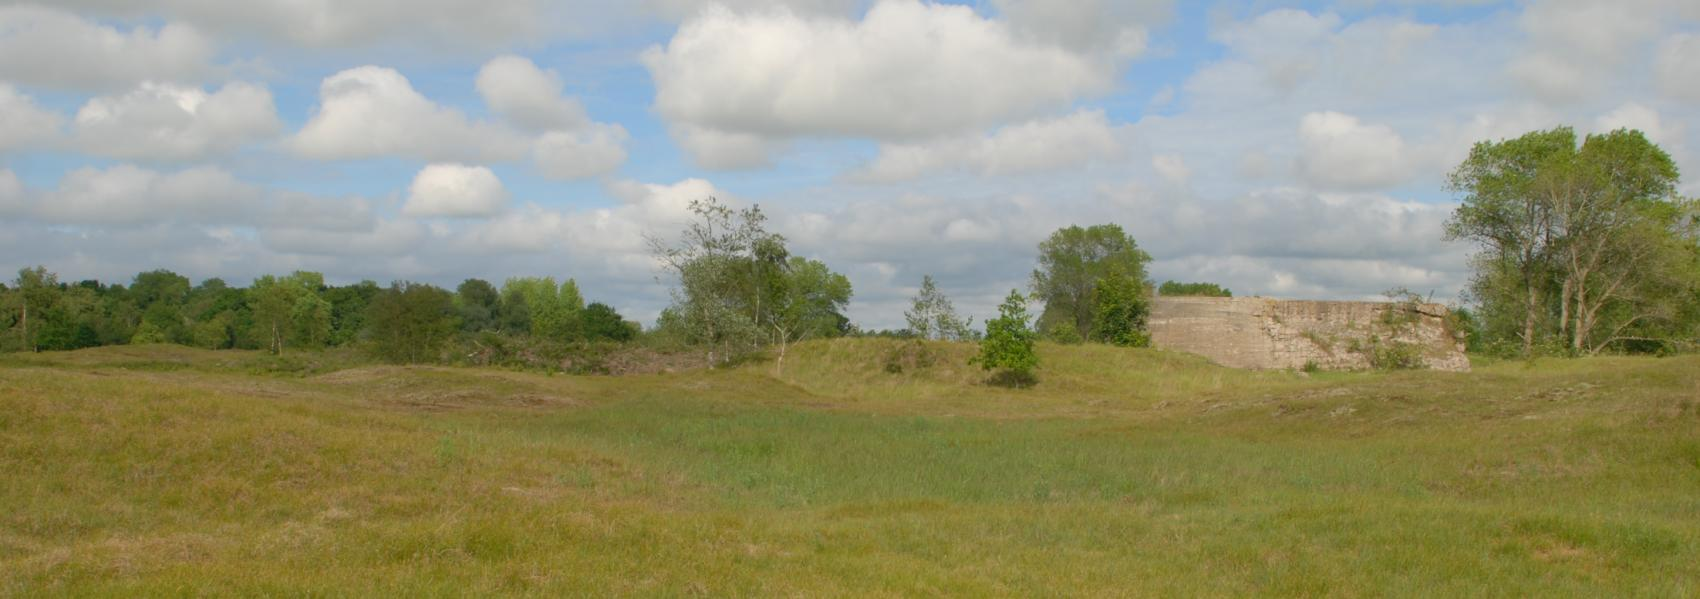 landschap met bunker